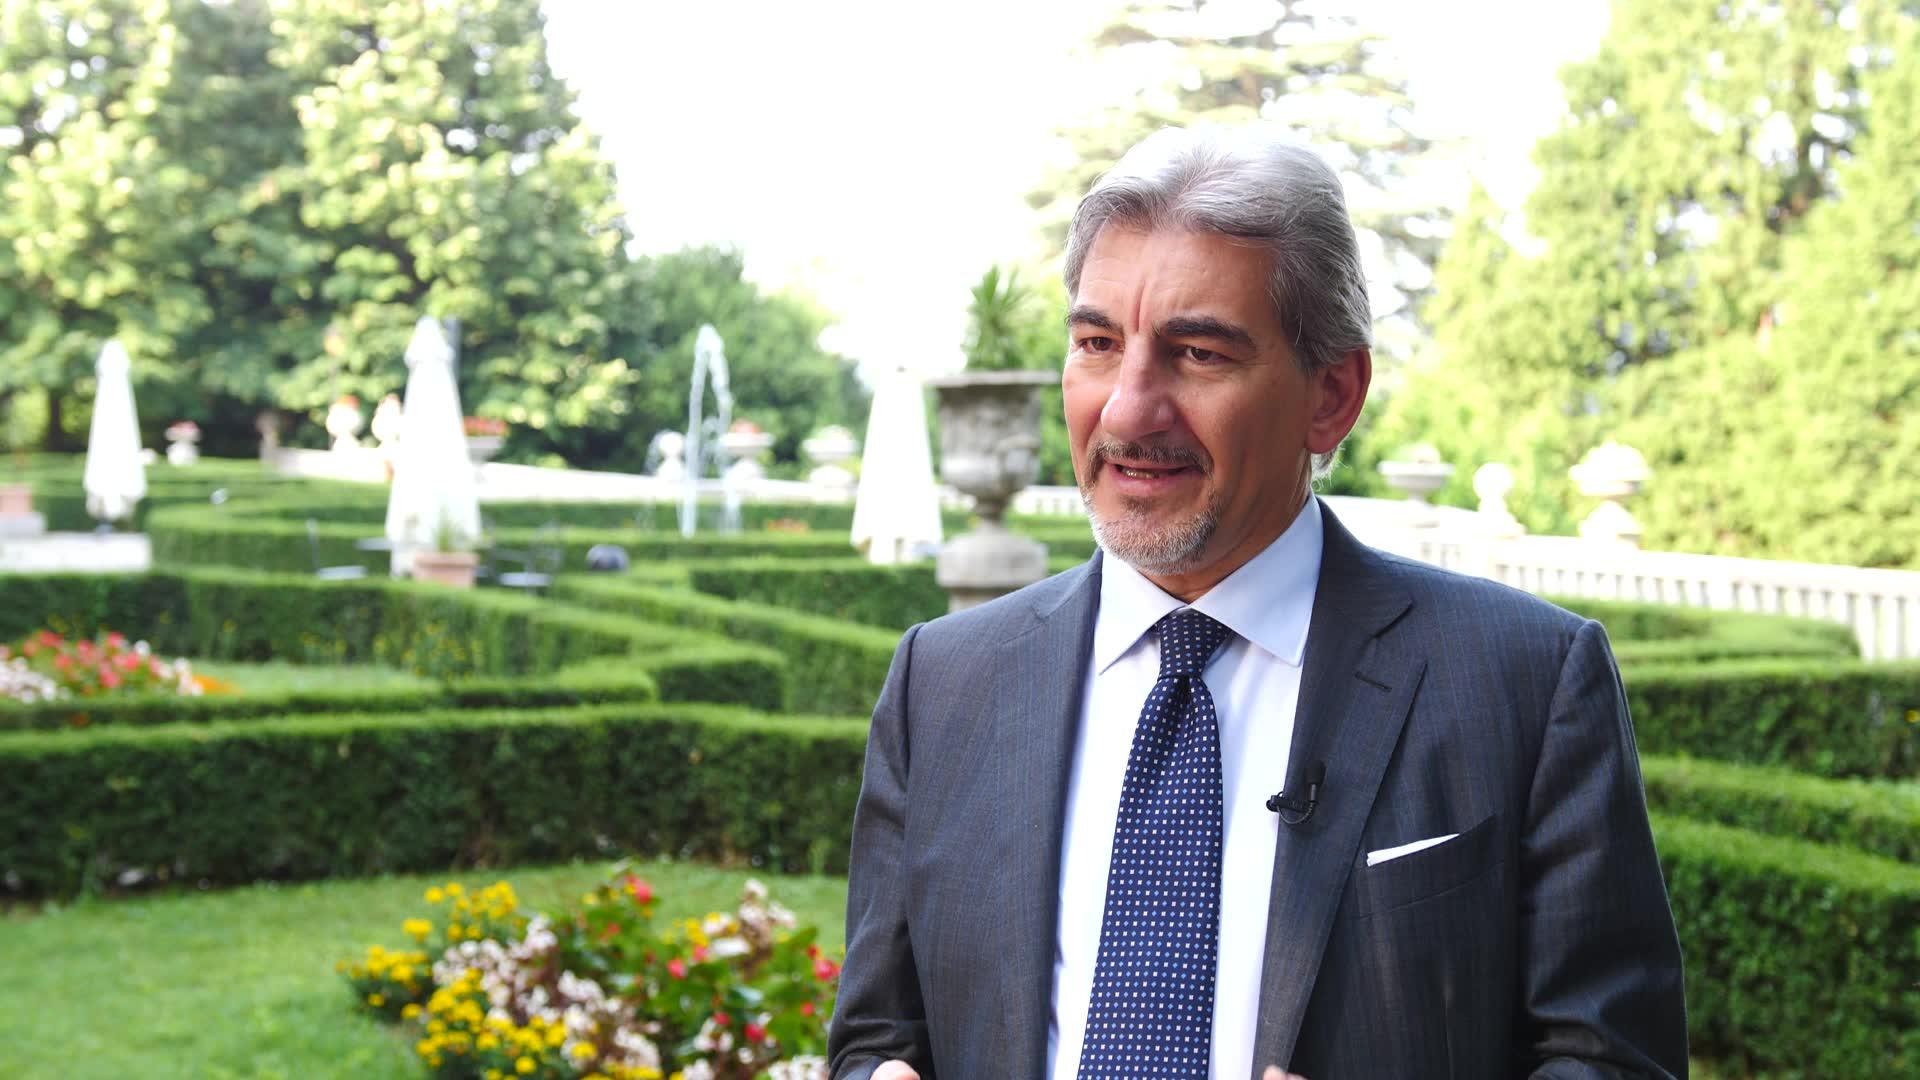 Video: L'assessore Cattaneo commenta l'assegnazione dei giochi olimpici all'Italia